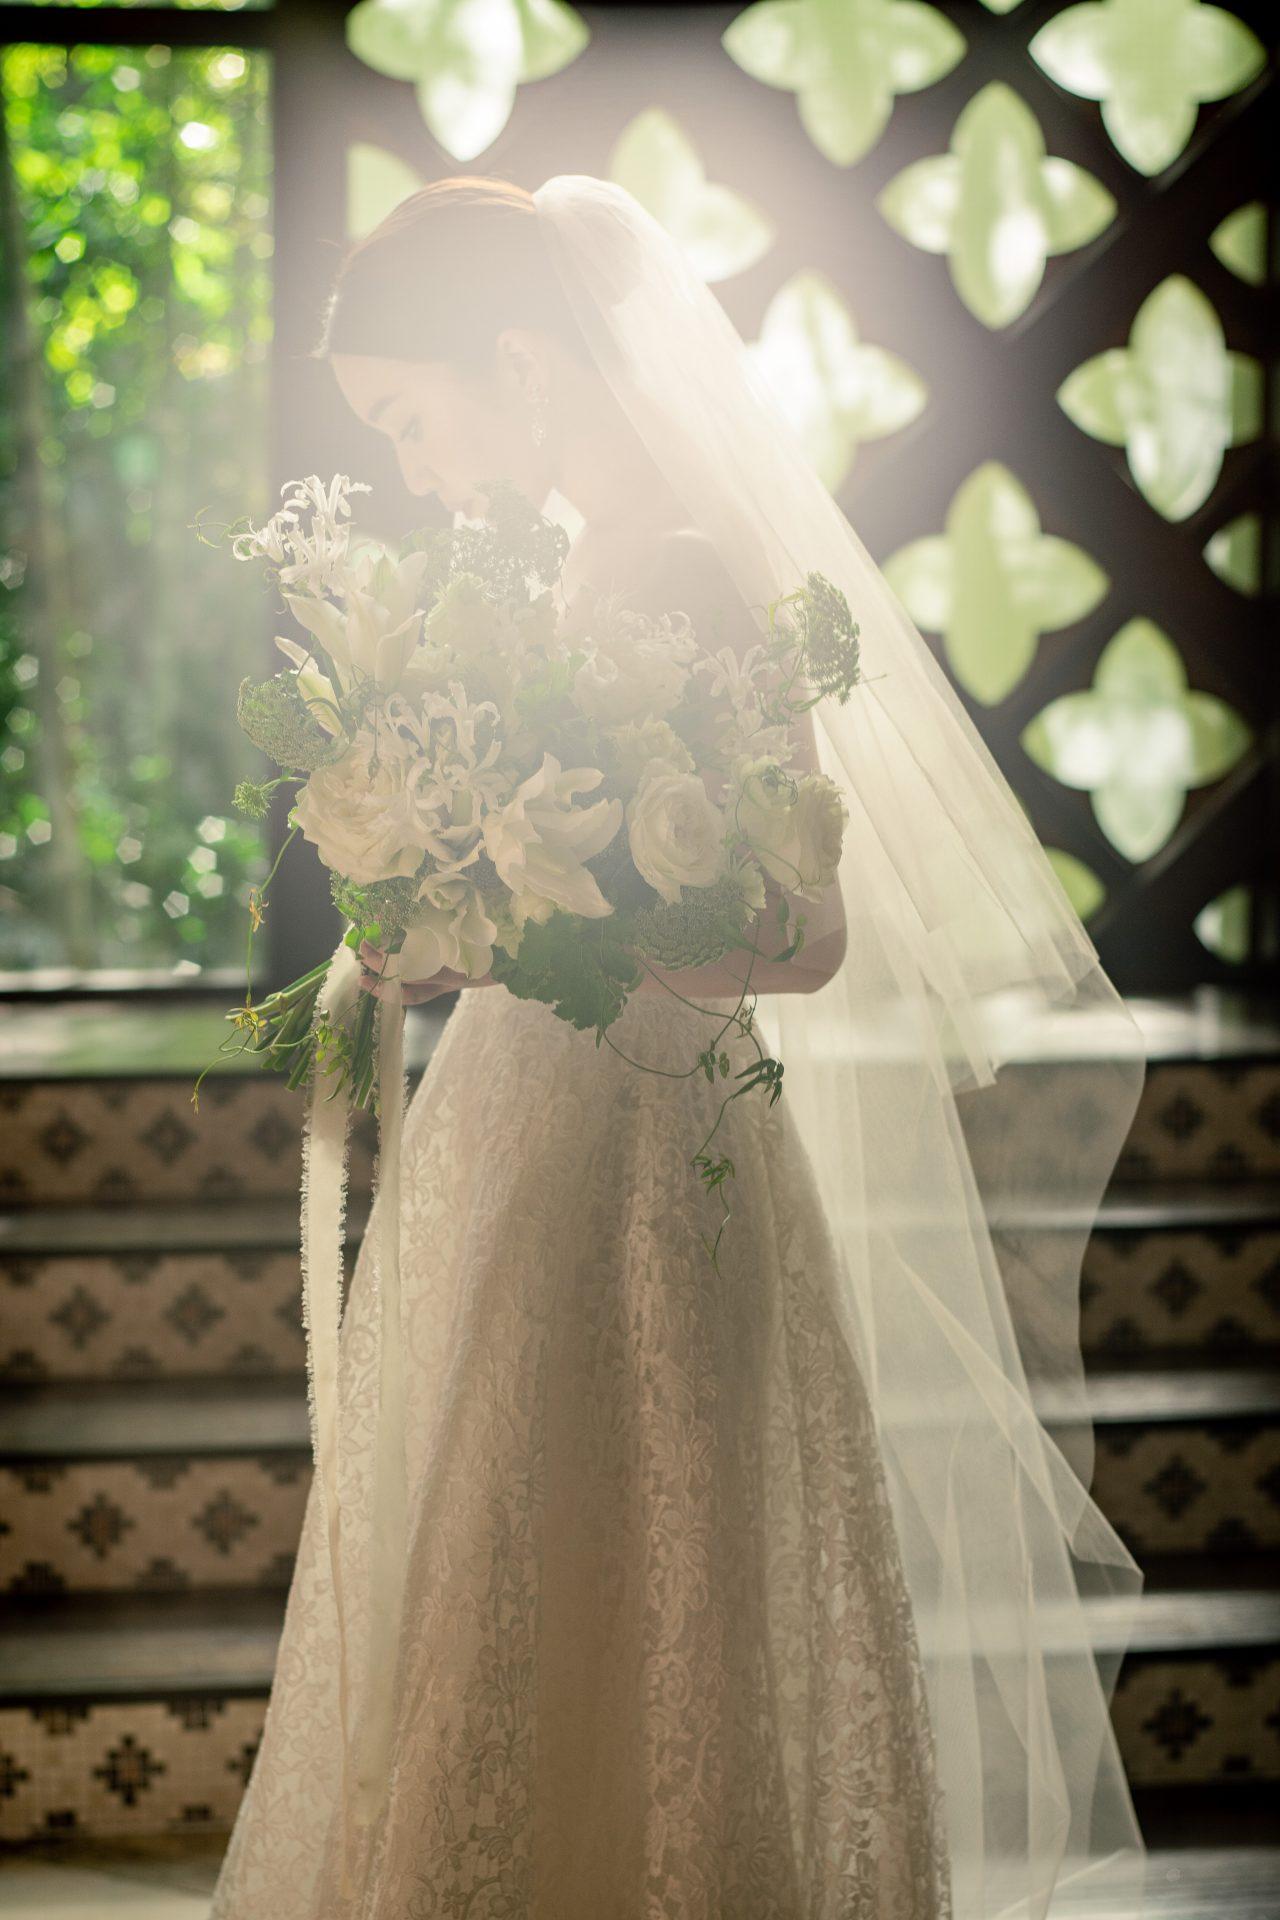 自然光が溢れるチャペルに総レースのウェディングドレスが神秘的な印象を与えます